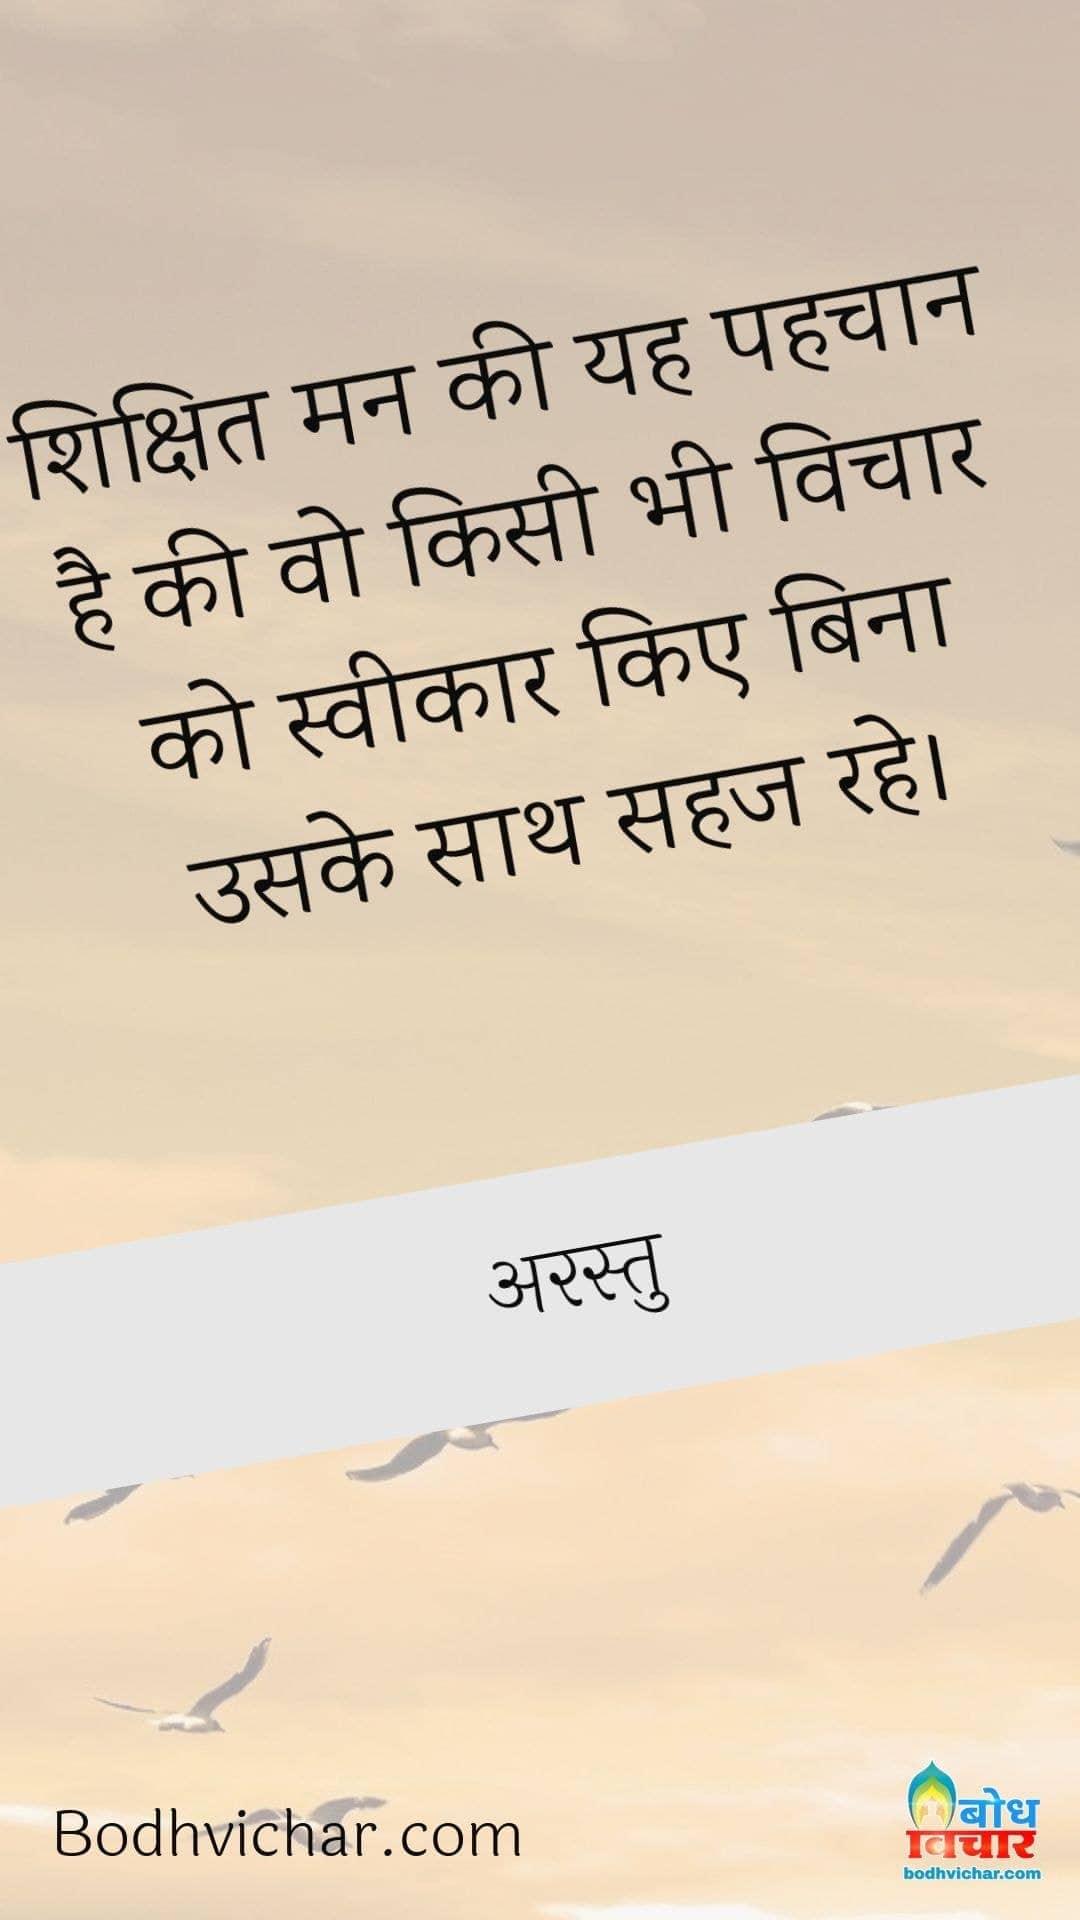 शिक्षित मन की यह पहचान है की वो किसी भी विचार को स्वीकार किए बिना उसके साथ सहज रहे। : Shikshit man ki yah pahchan hai ki wo kisi bhi prakar ke vichar ko sveekar kiye bina uske sath sahaj rah sake - अरस्तु